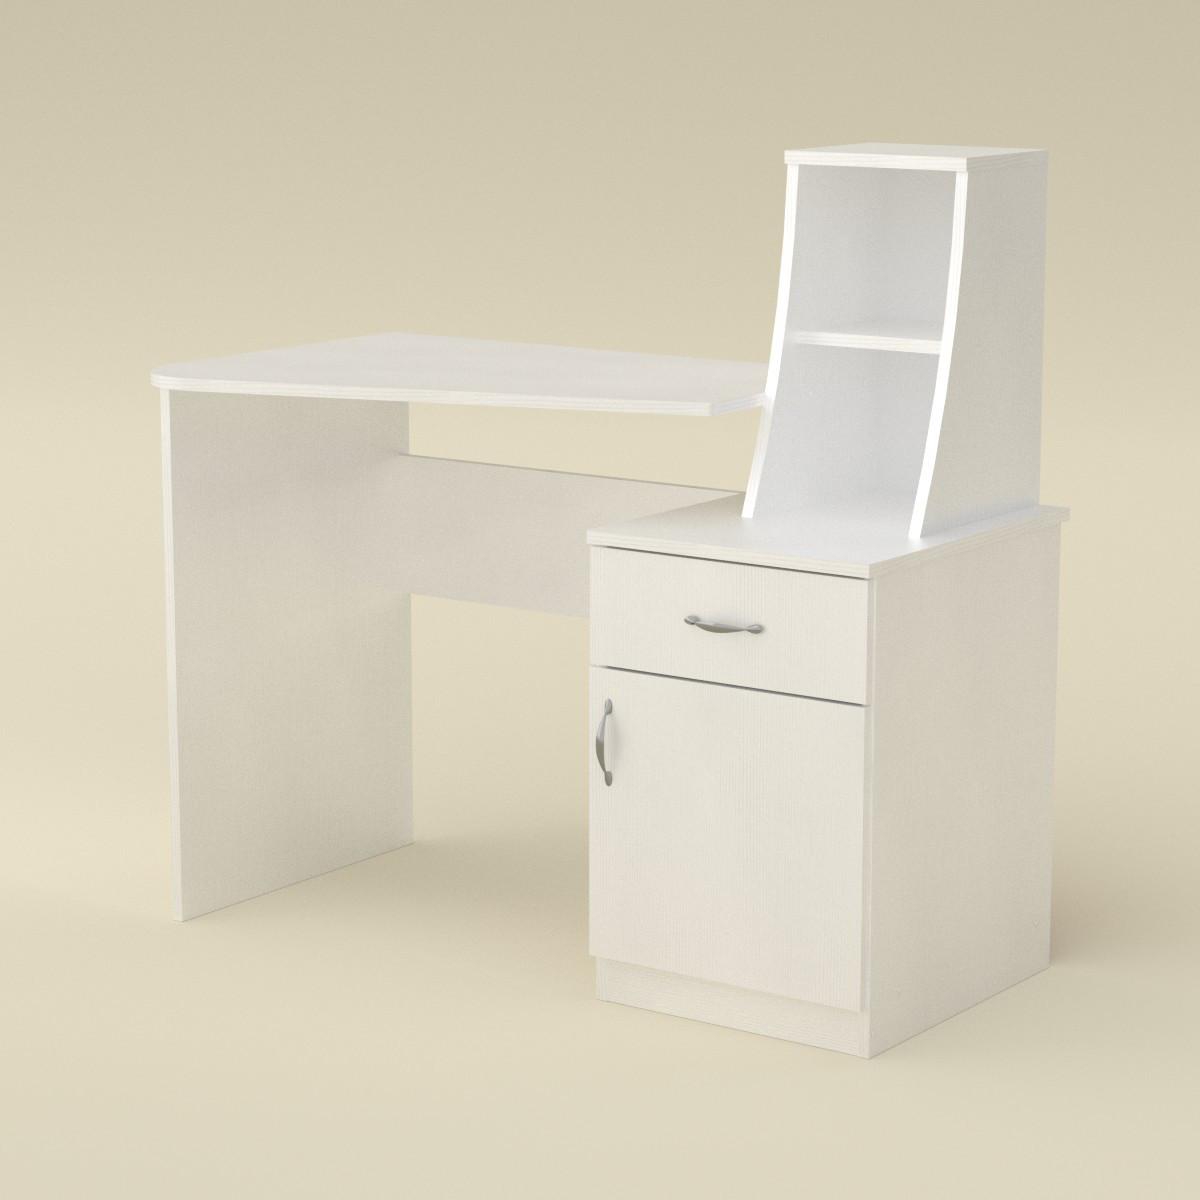 Стол письменный Школьник-3 Компанит, фото 1